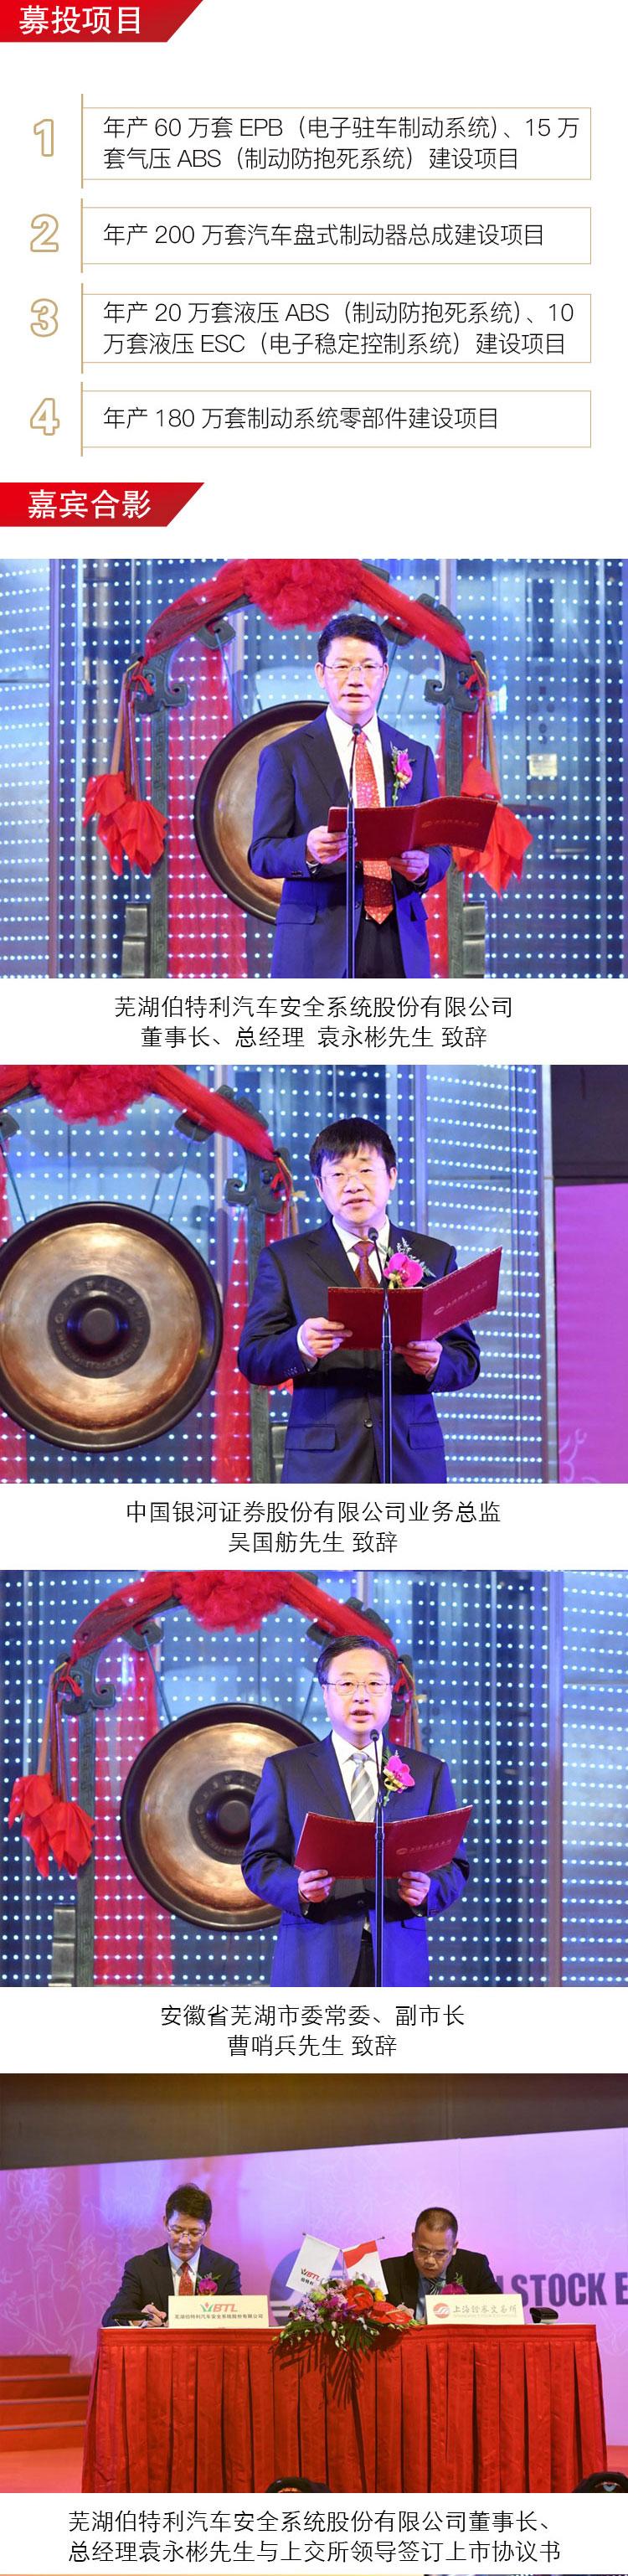 芜湖伯特利上市海报_04.jpg